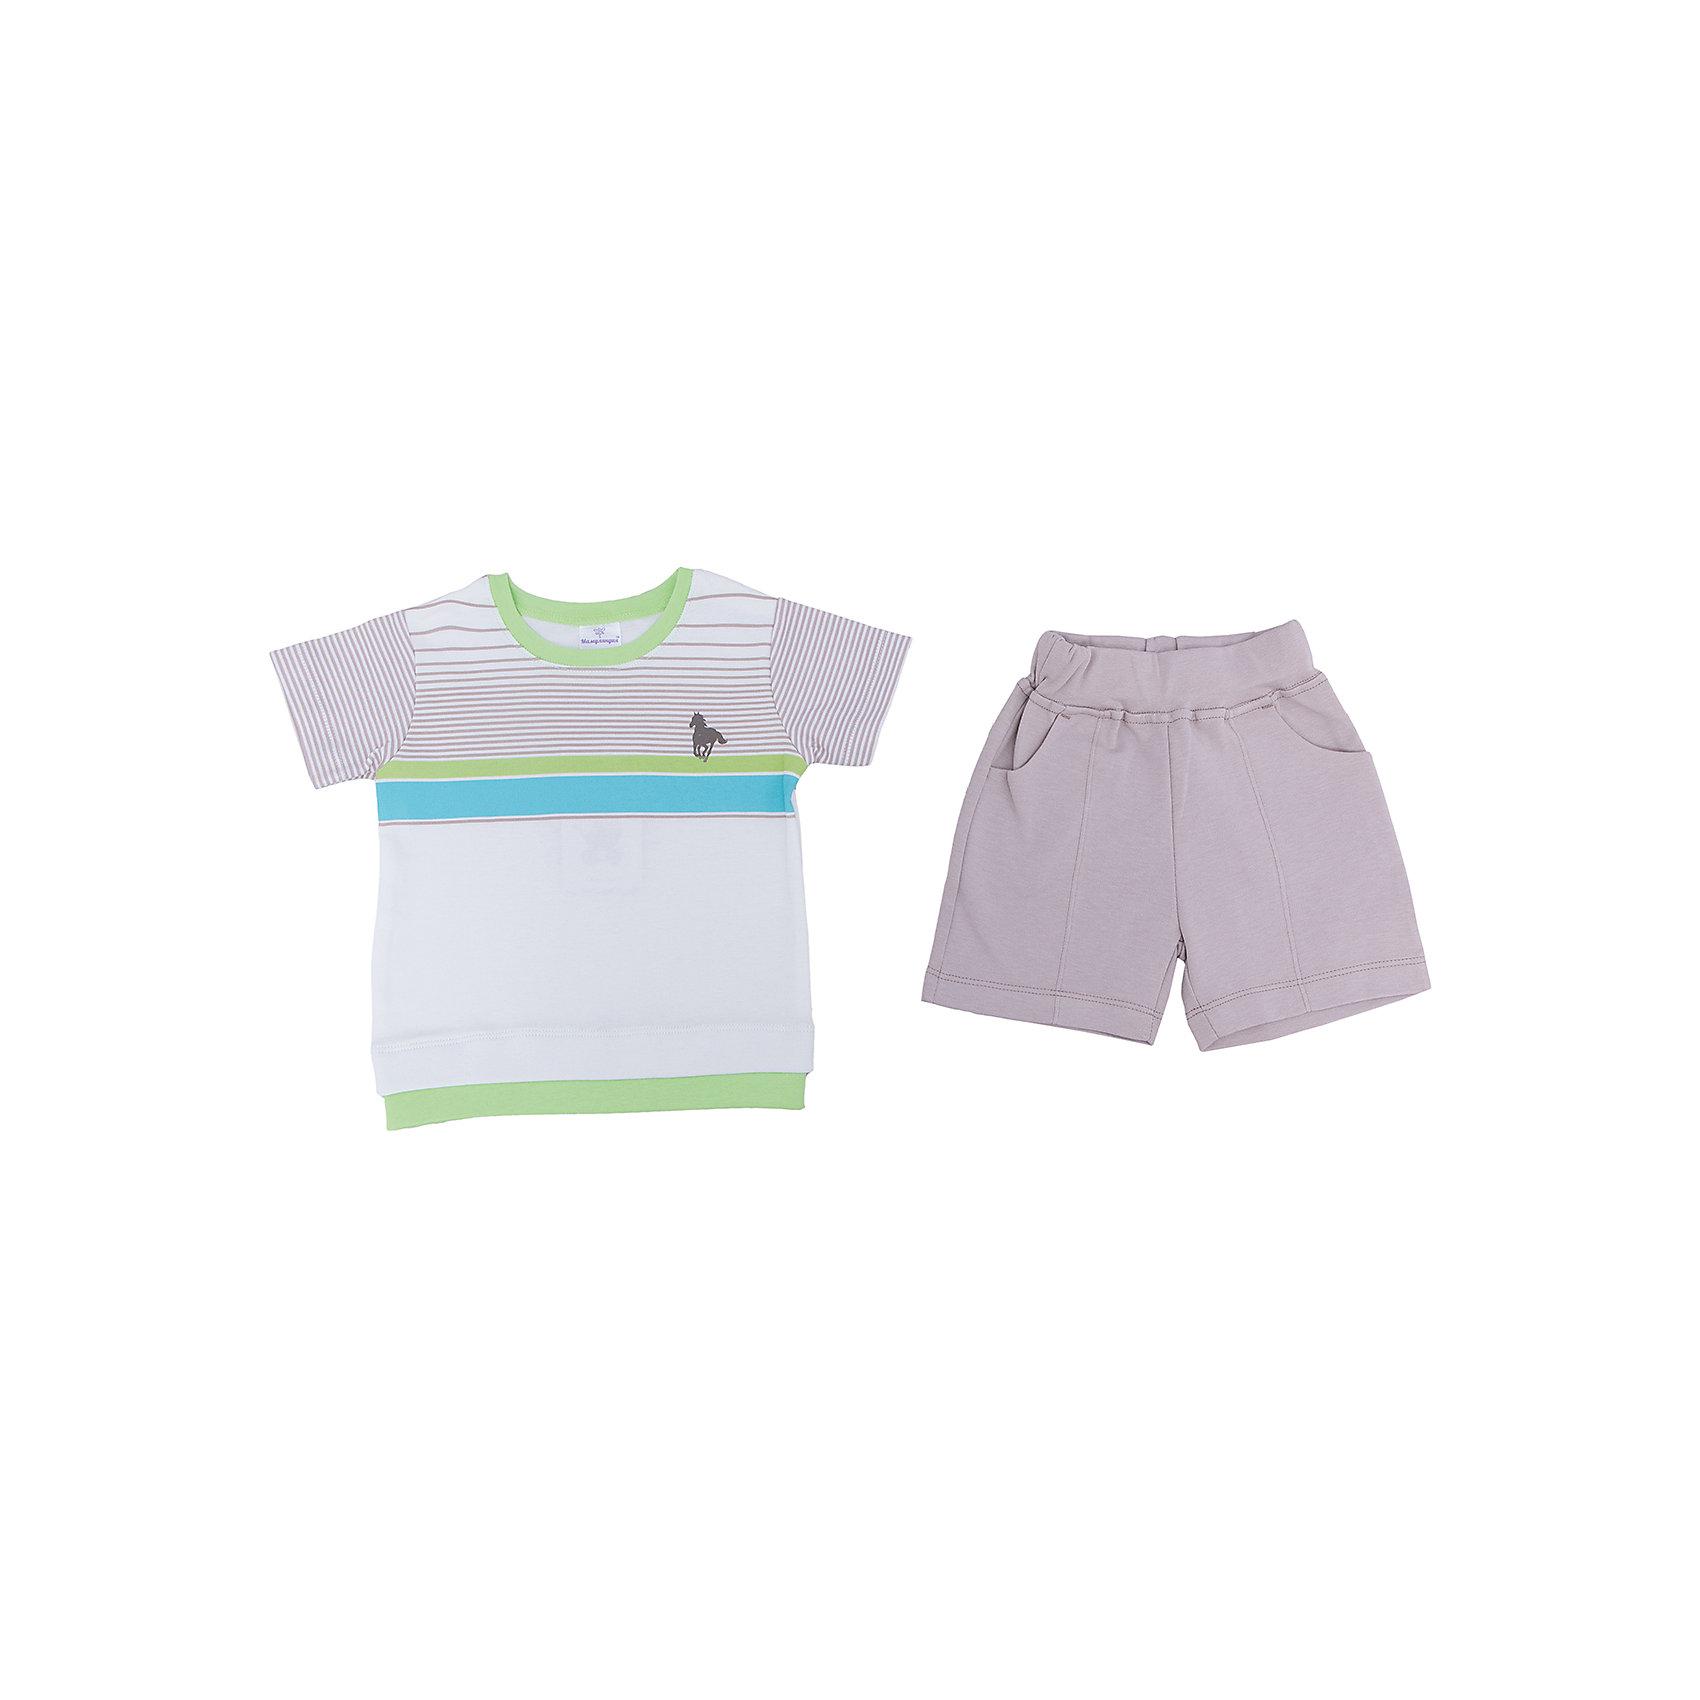 Комплект для мальчика МамуляндияКомплекты<br>Комплект одежды (футболки, шорты) из дизайнерской коллекции для мальчиков Поло, выполнен из трикотажноготна высшего качества (интерлок пенье).  Декорирован  гипоаллергенным принтом на водной основе. Удобное расположение кнопок для переодевания малыша. Стирать при температуре 40, носить с удовольствием. 100% хлопок<br><br>Ширина мм: 157<br>Глубина мм: 13<br>Высота мм: 119<br>Вес г: 200<br>Цвет: разноцветный<br>Возраст от месяцев: 3<br>Возраст до месяцев: 6<br>Пол: Мужской<br>Возраст: Детский<br>Размер: 68,92,74,80,86<br>SKU: 4735631